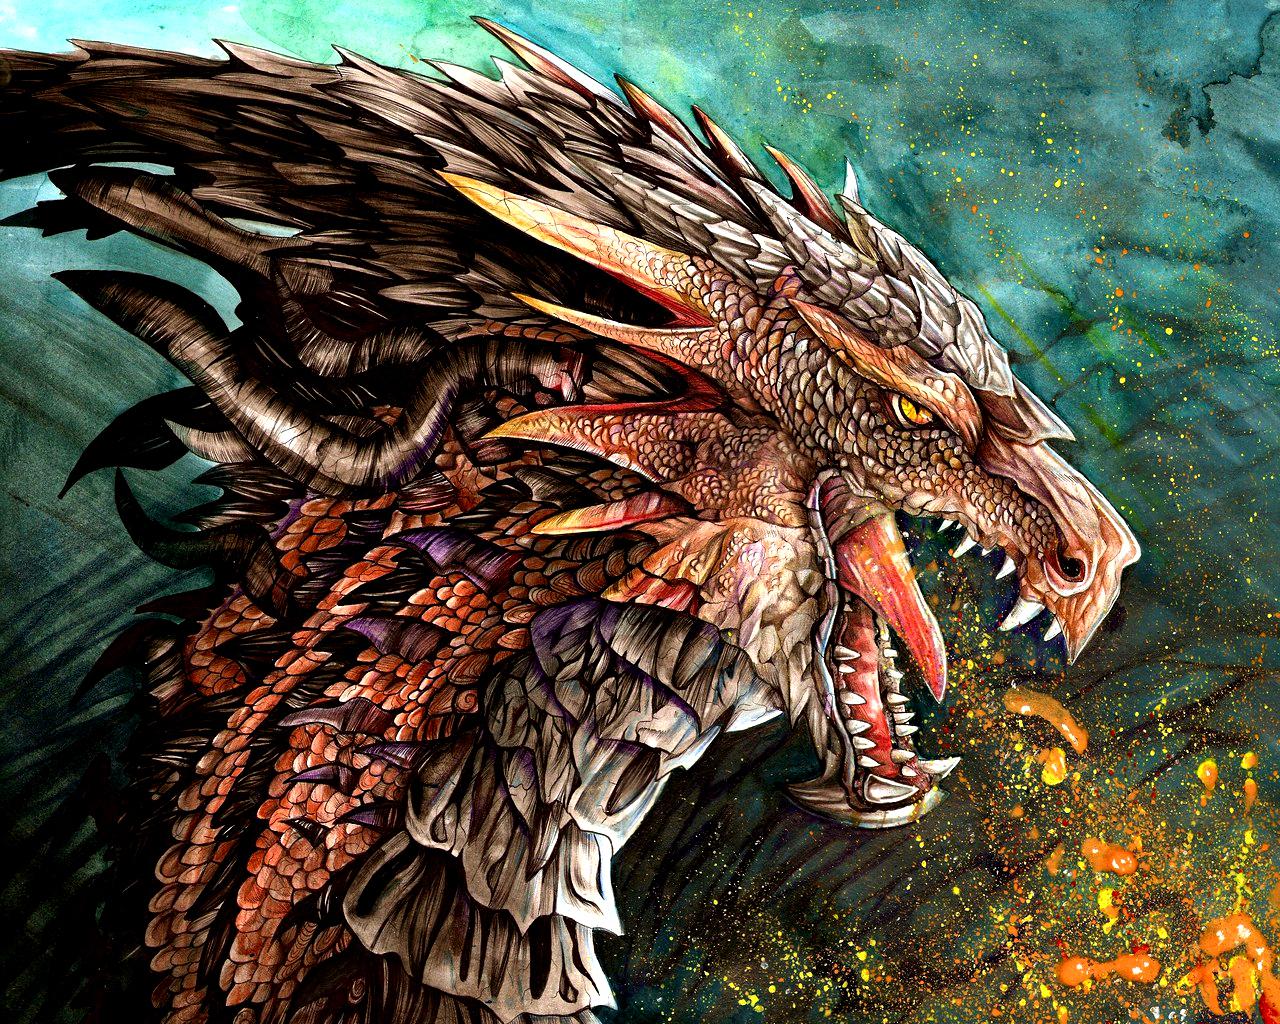 Dragon Wallpaper   Dragons Wallpaper 13975612 1280x1024